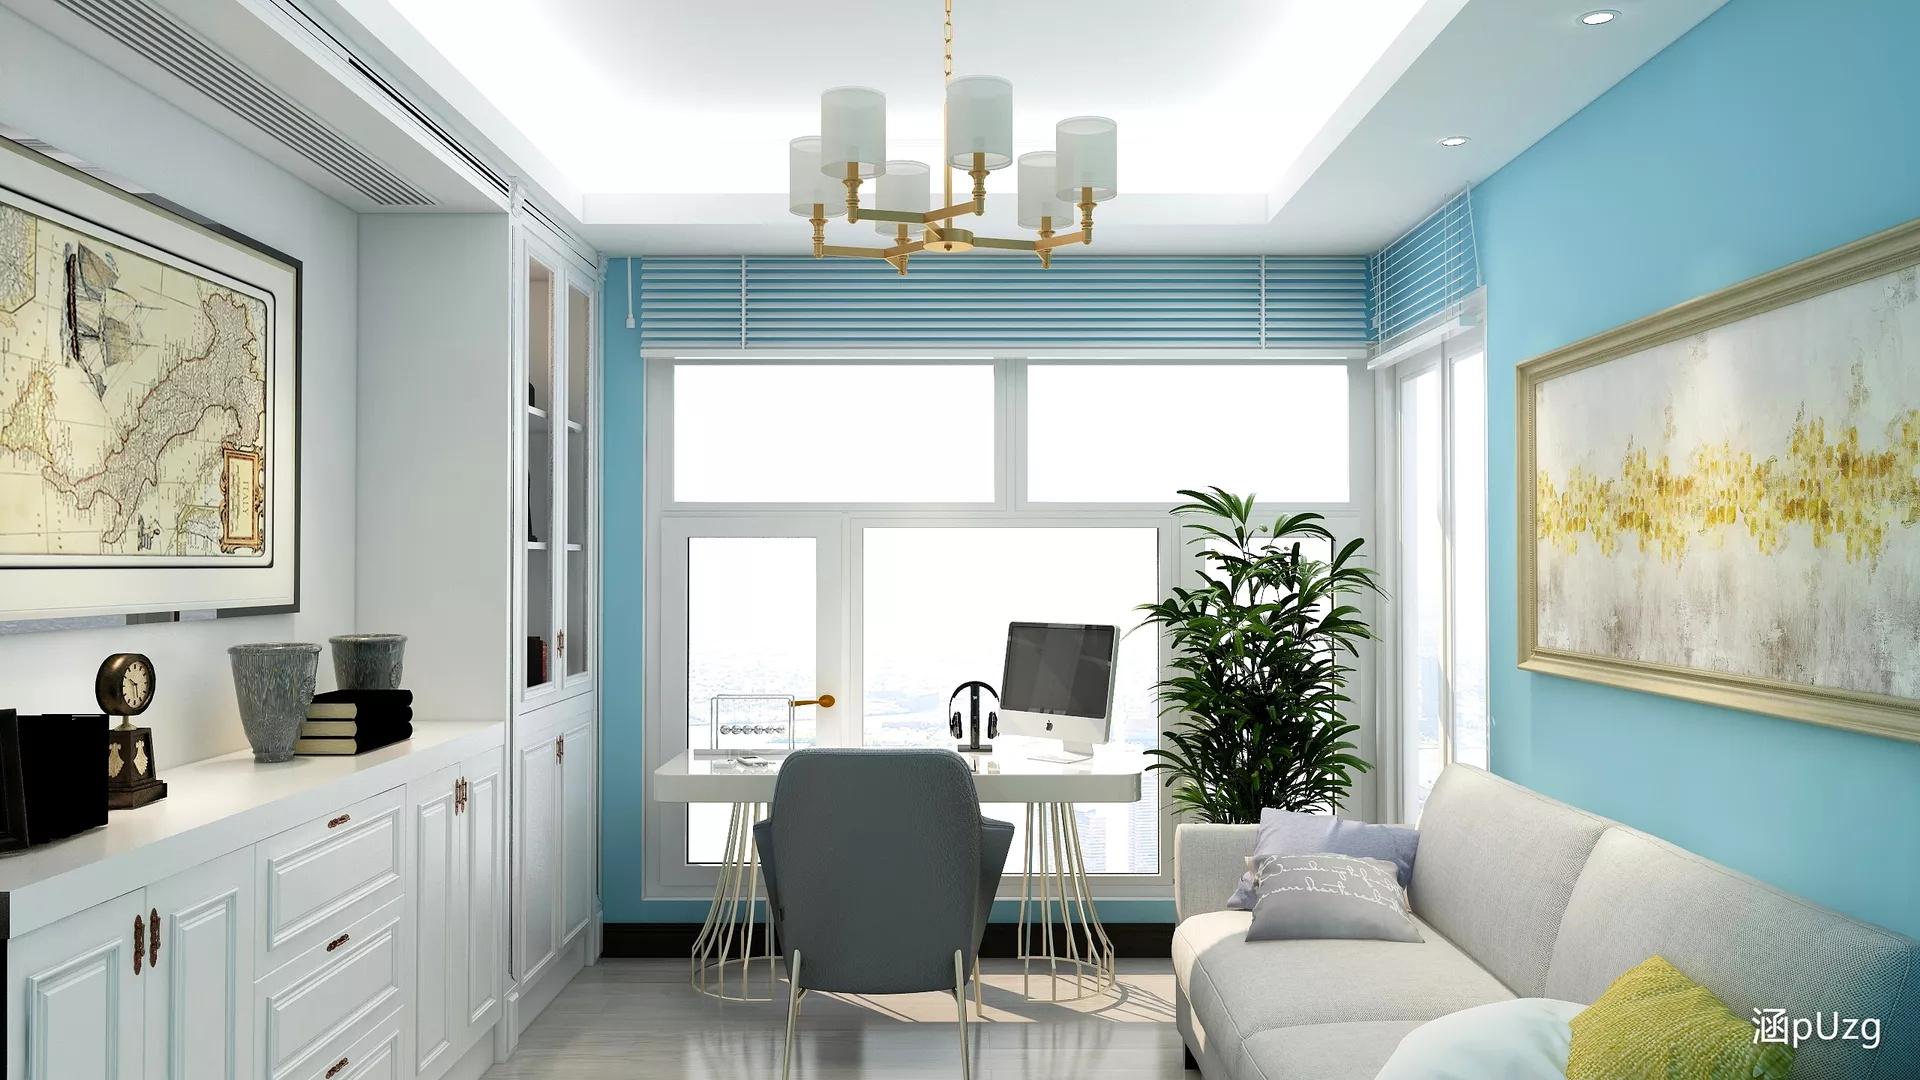 大平層家居住宅要如何裝修設計?大平層家居住宅裝修要點有什么?